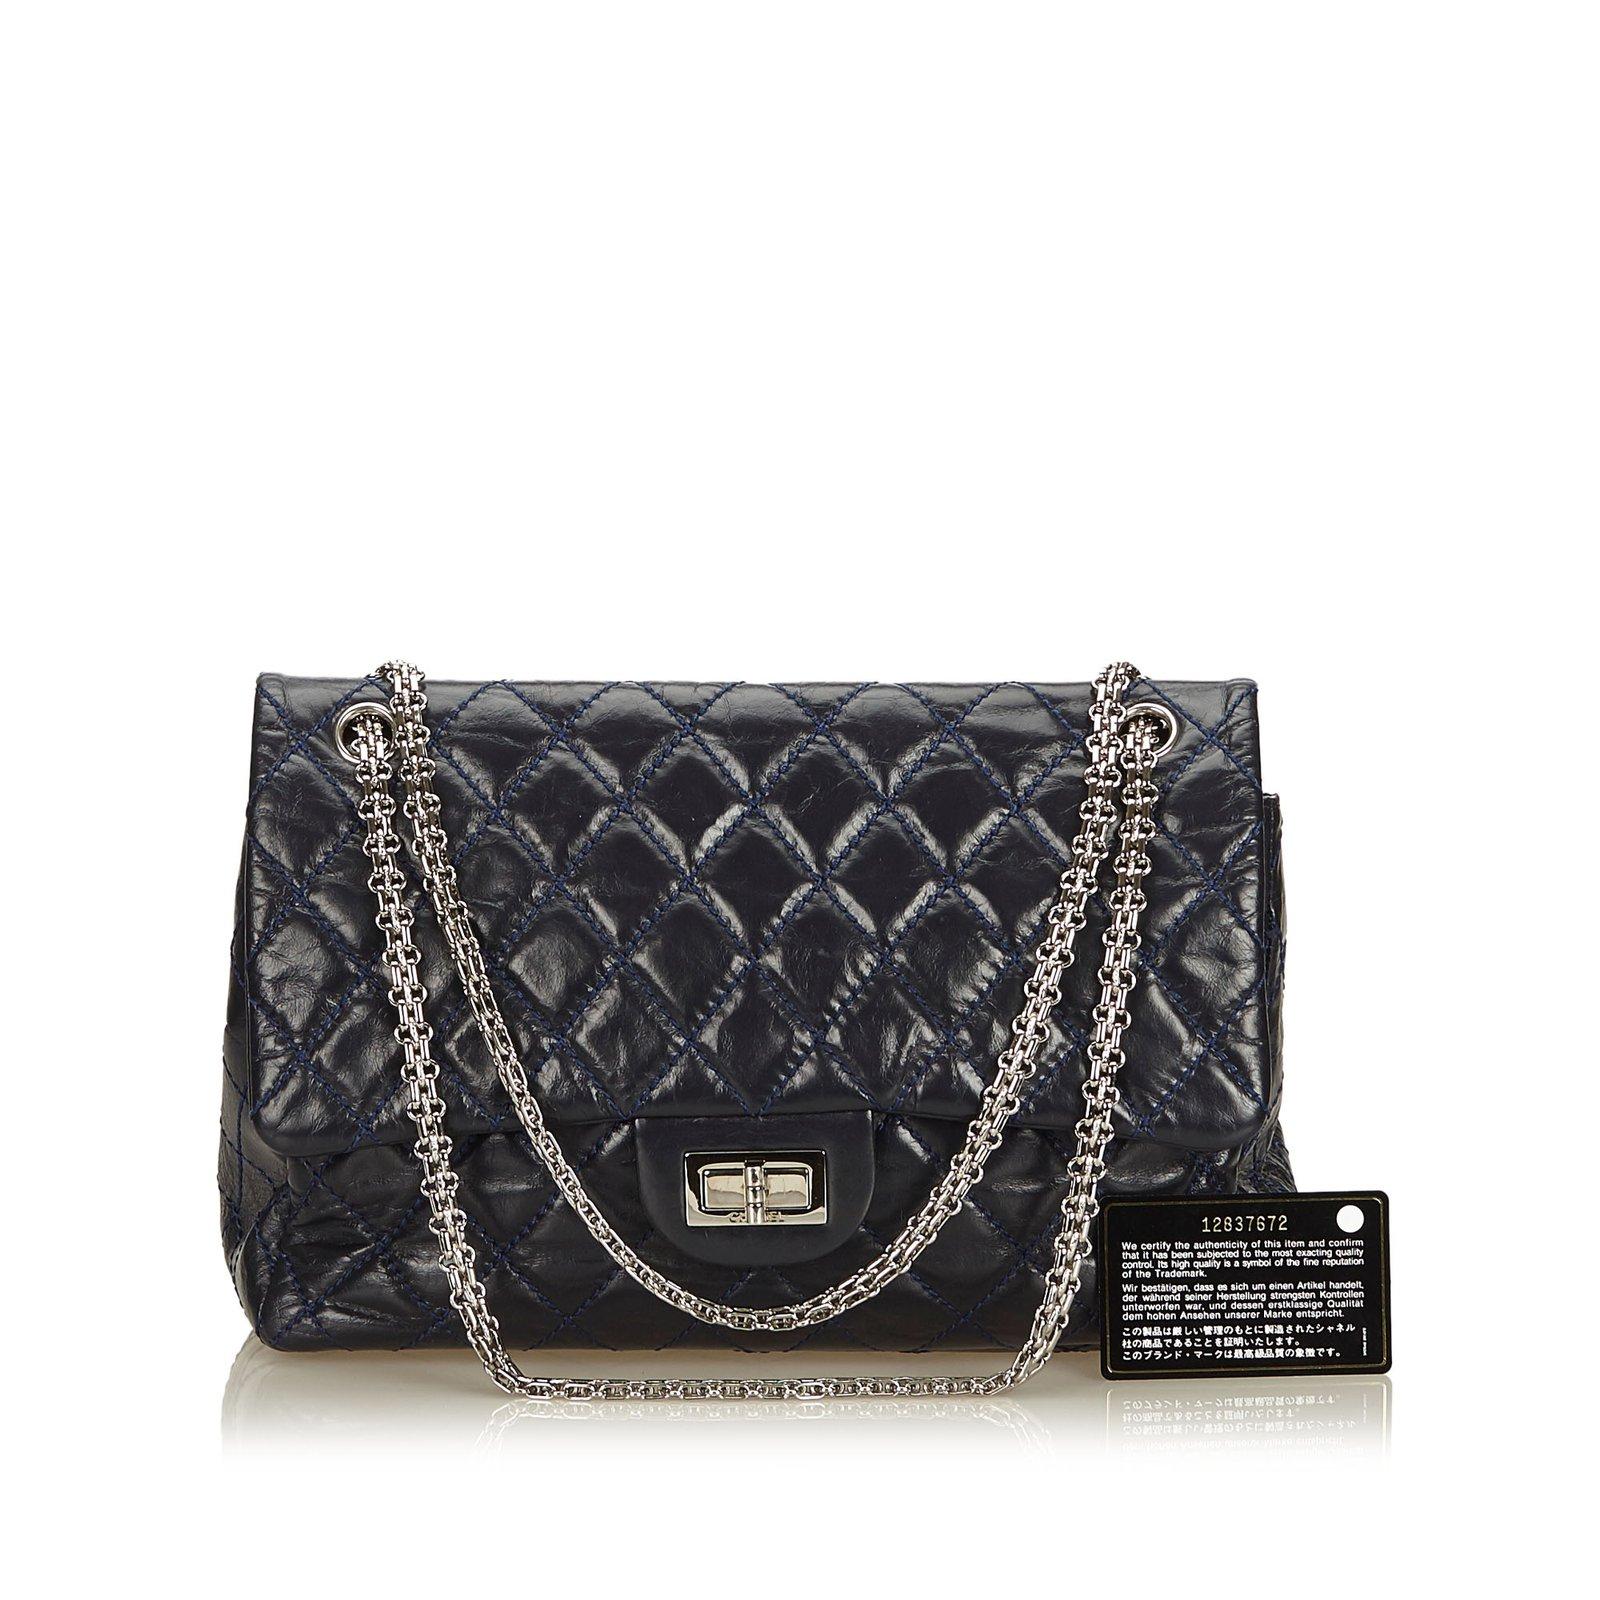 9954167d8f55 Chanel Surpique Reissue lined Flap Bag Handbags Leather,Other Blue,Navy  blue ref.105333 - Joli Closet